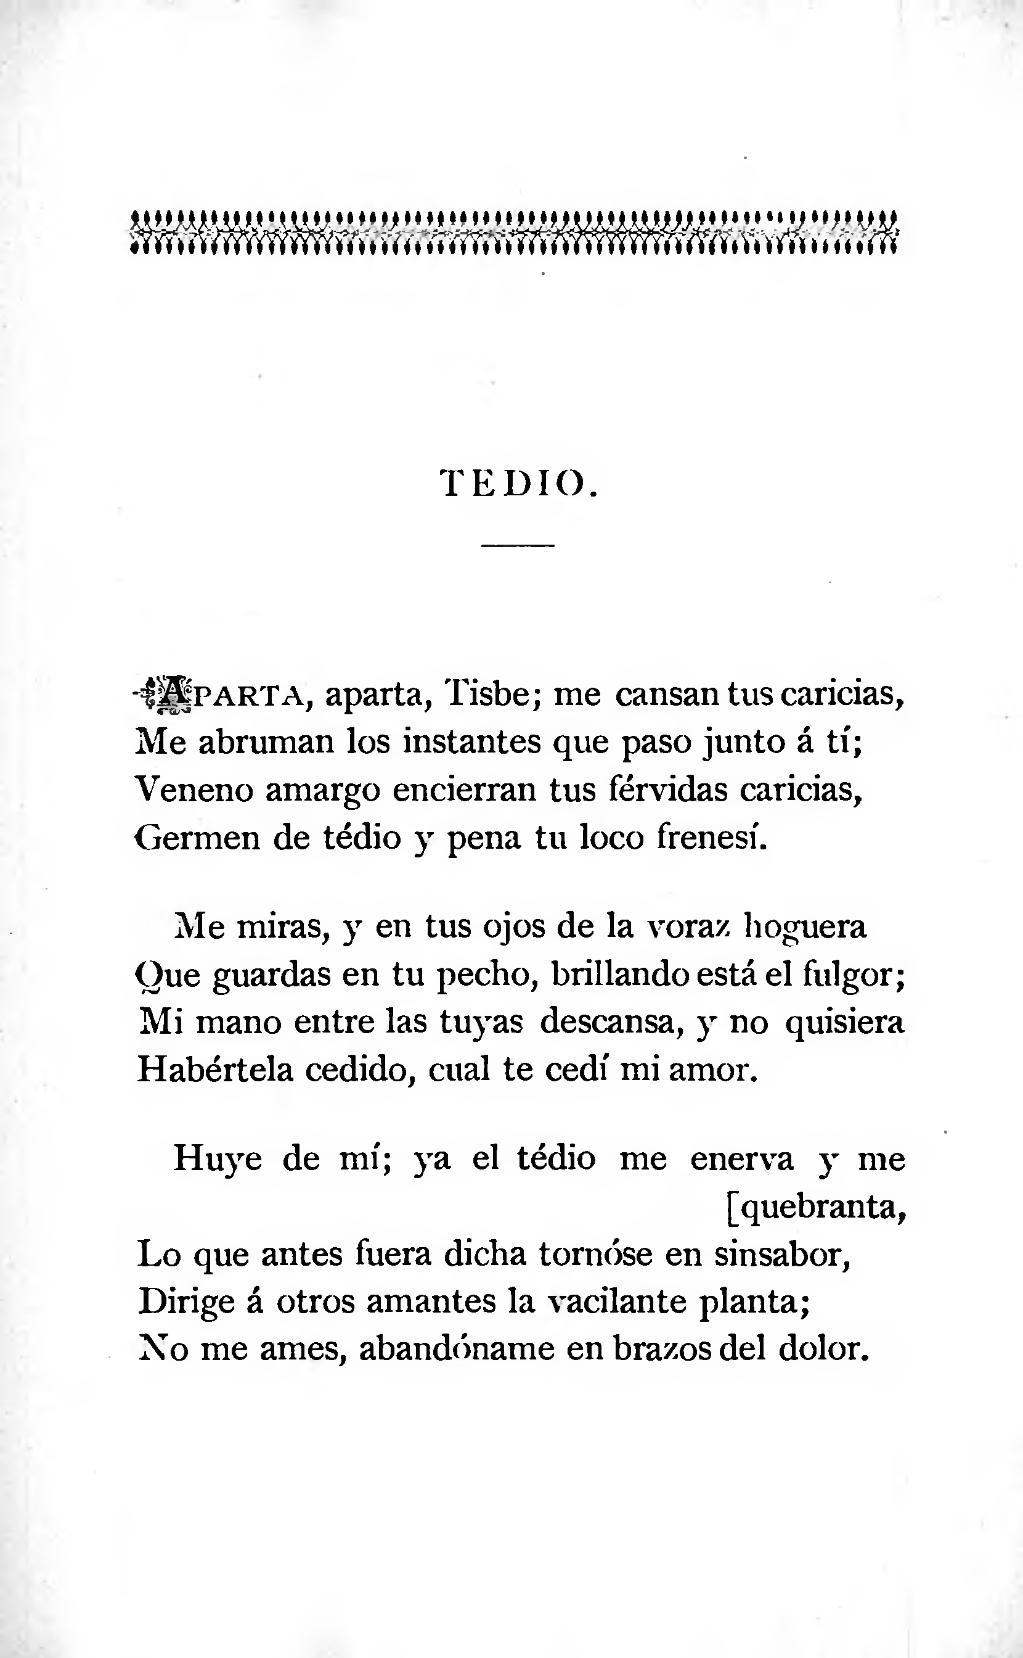 Amor Voraz página:la linterna mágica - vol. 8.djvu/162 - wikisource